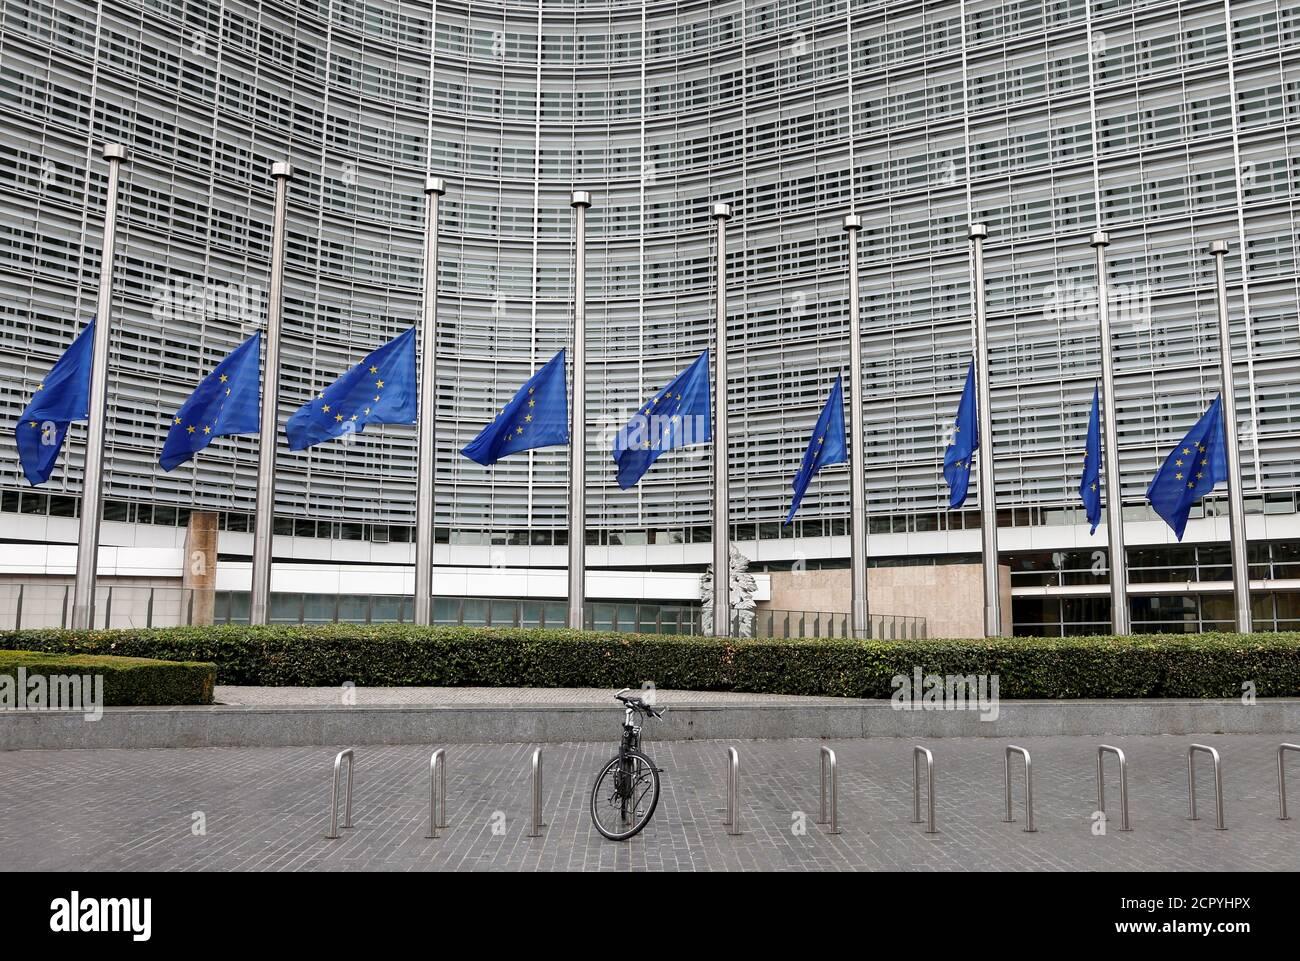 Les drapeaux de l'Union européenne sont abaissés en Berne en l'honneur des victimes de l'attaque de Barcelone, devant le siège de la Commission européenne à Bruxelles, Belgique, le 18 août 2017. REUTERS/François Lenoir Banque D'Images